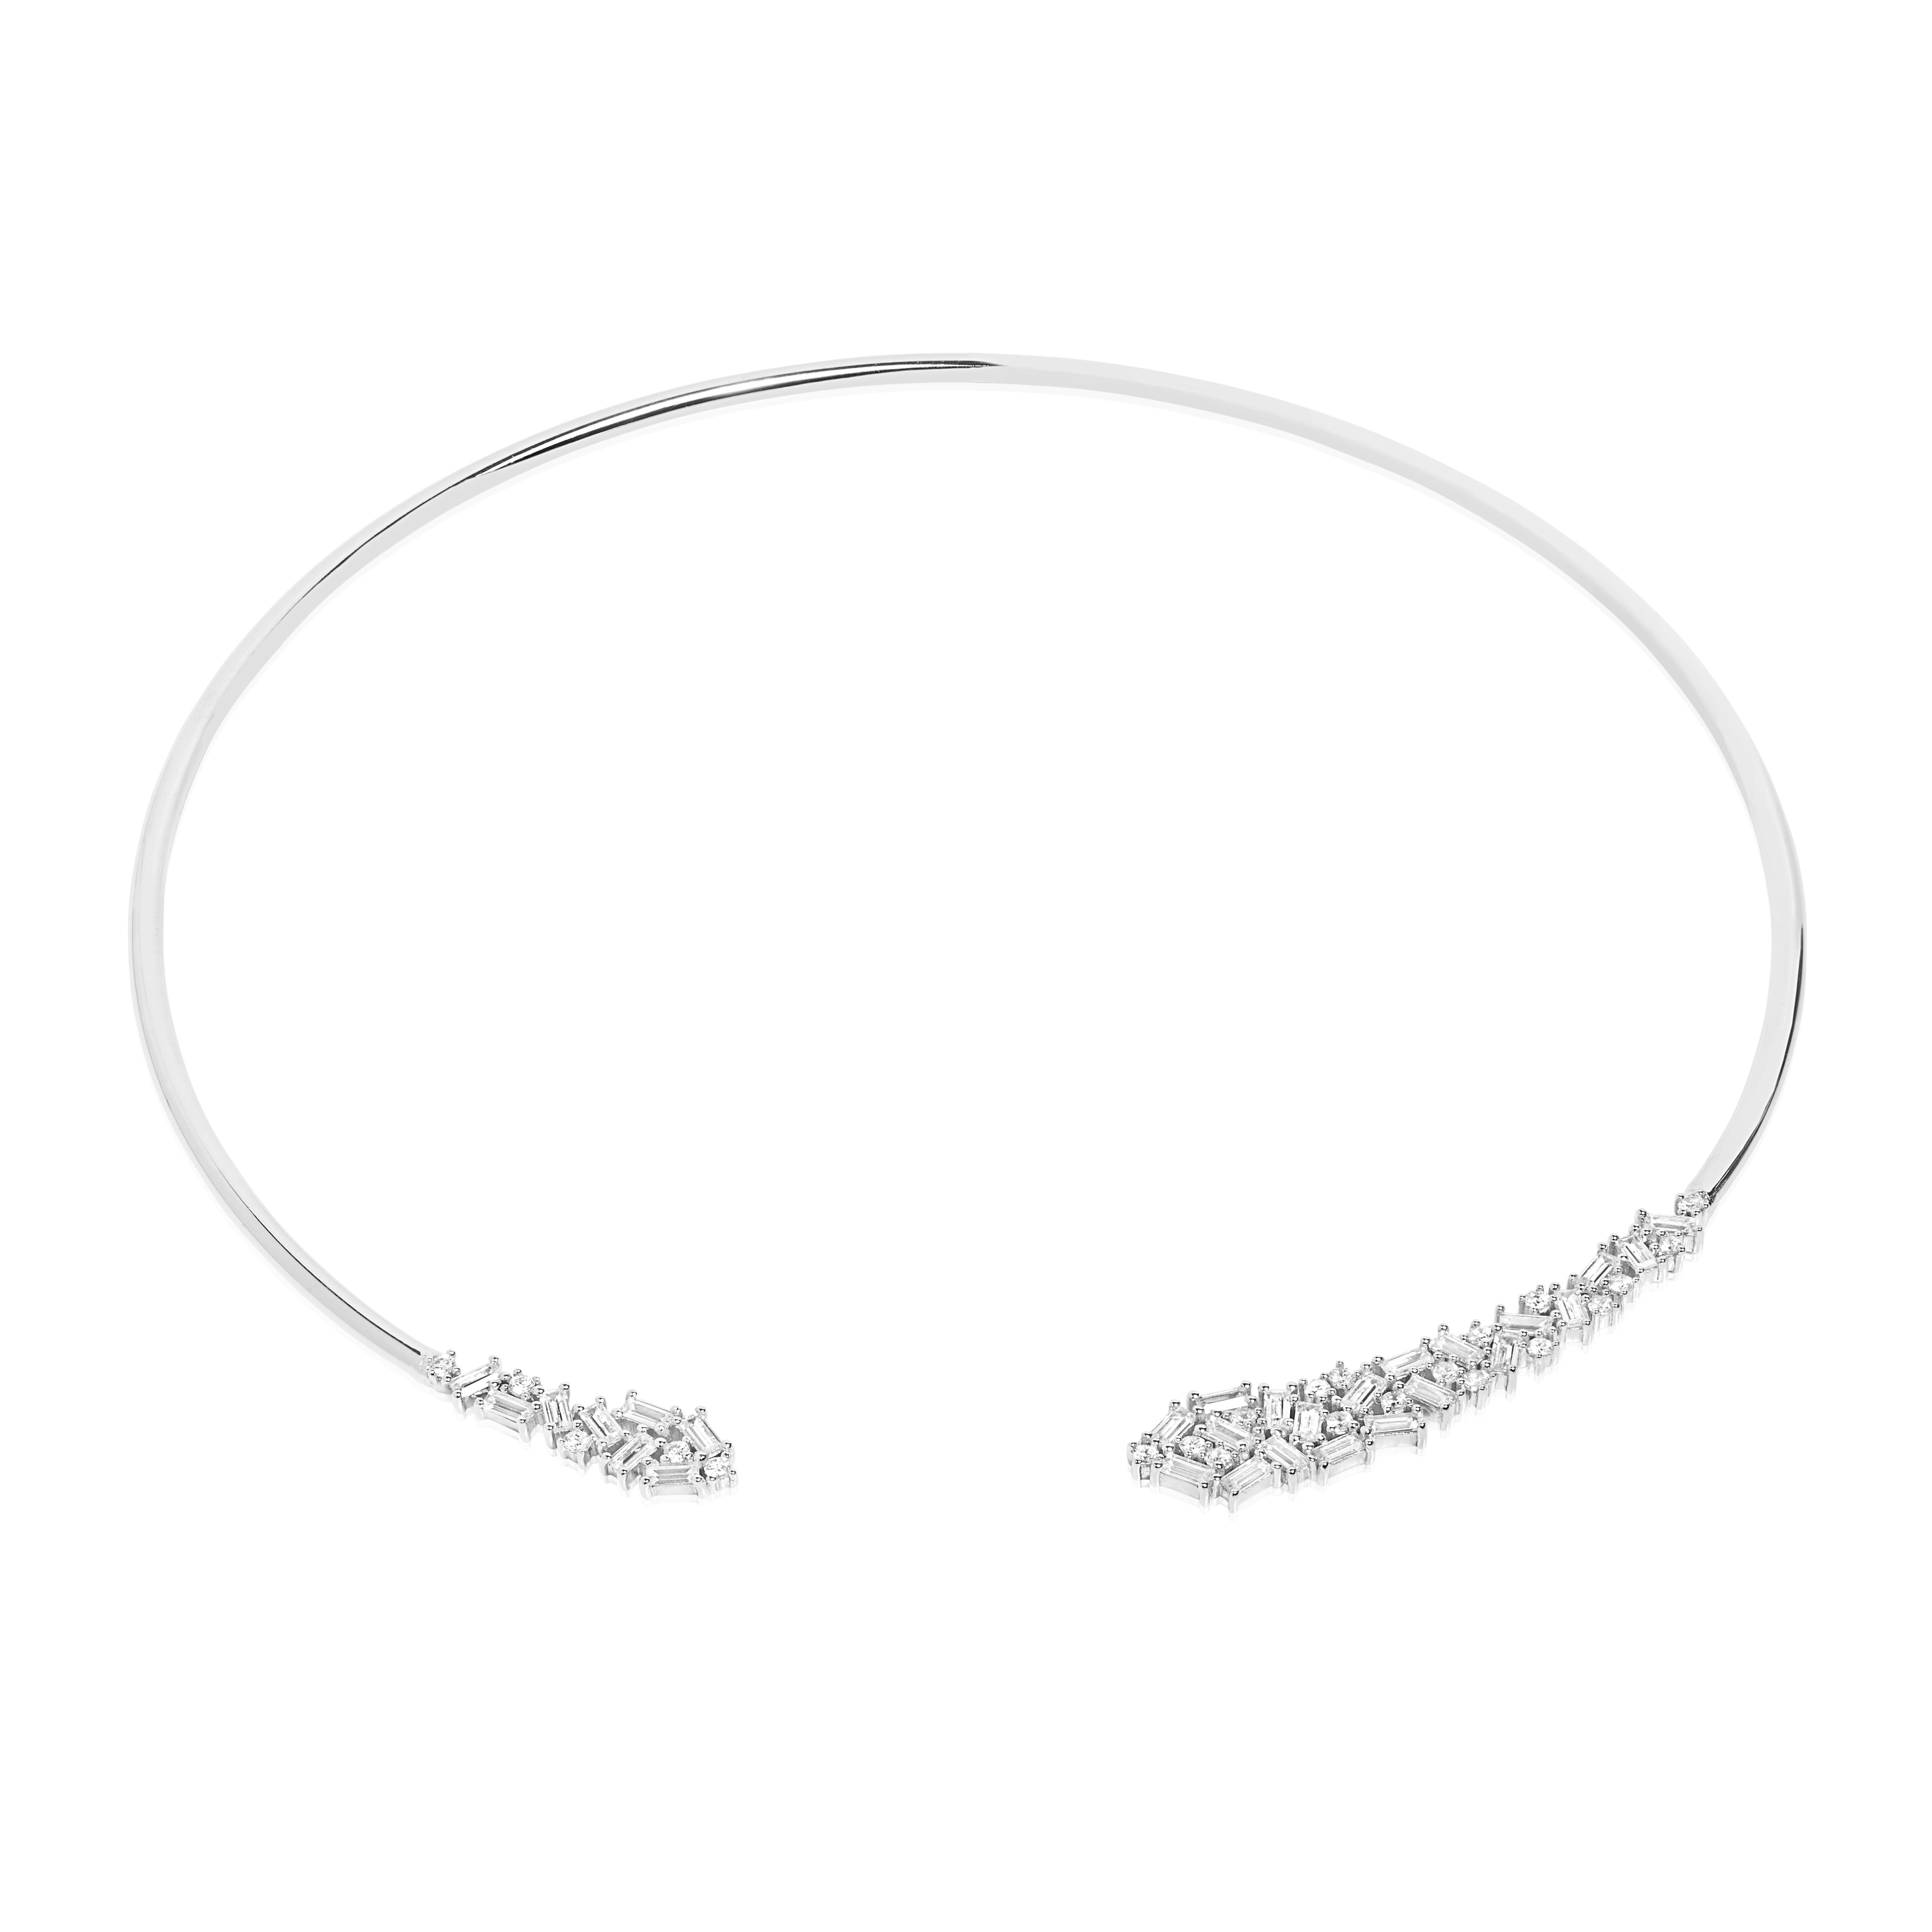 Halsring Antella mit weiß